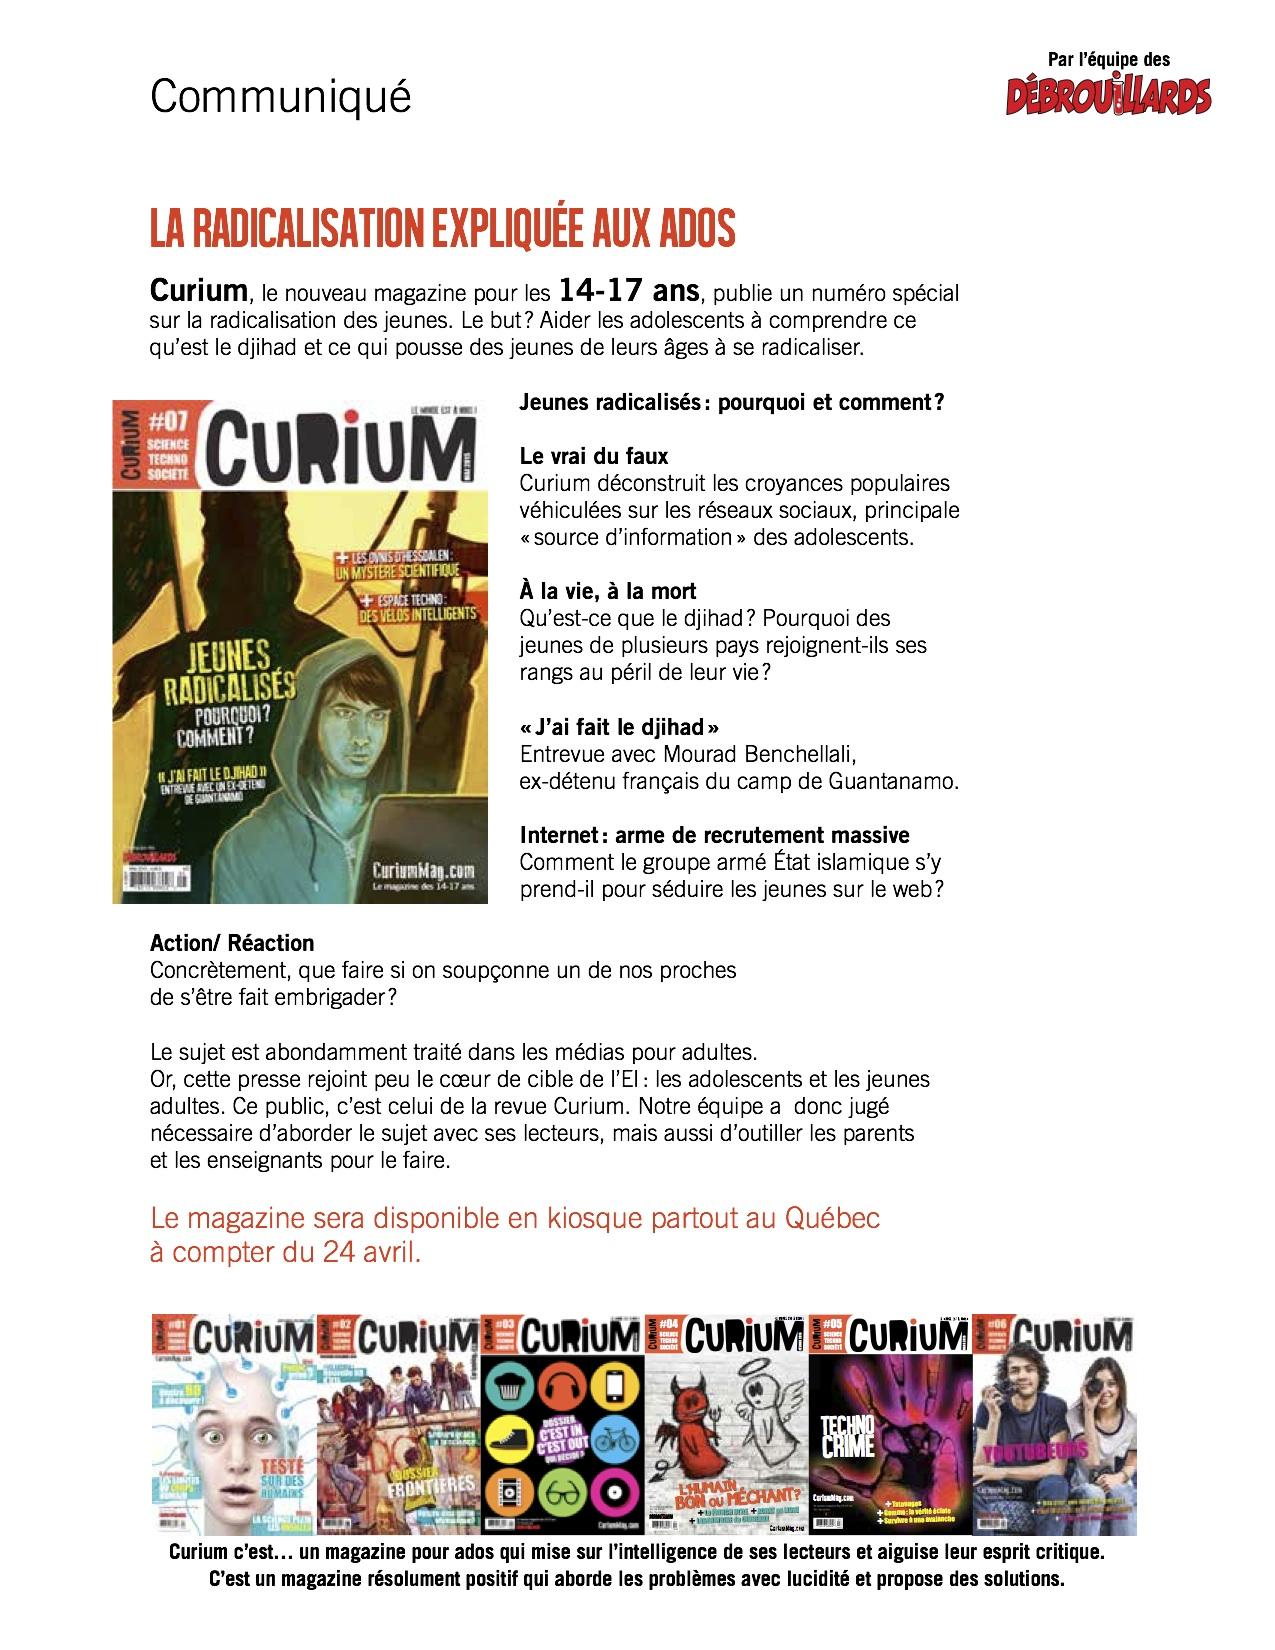 CommuniqueCurium07